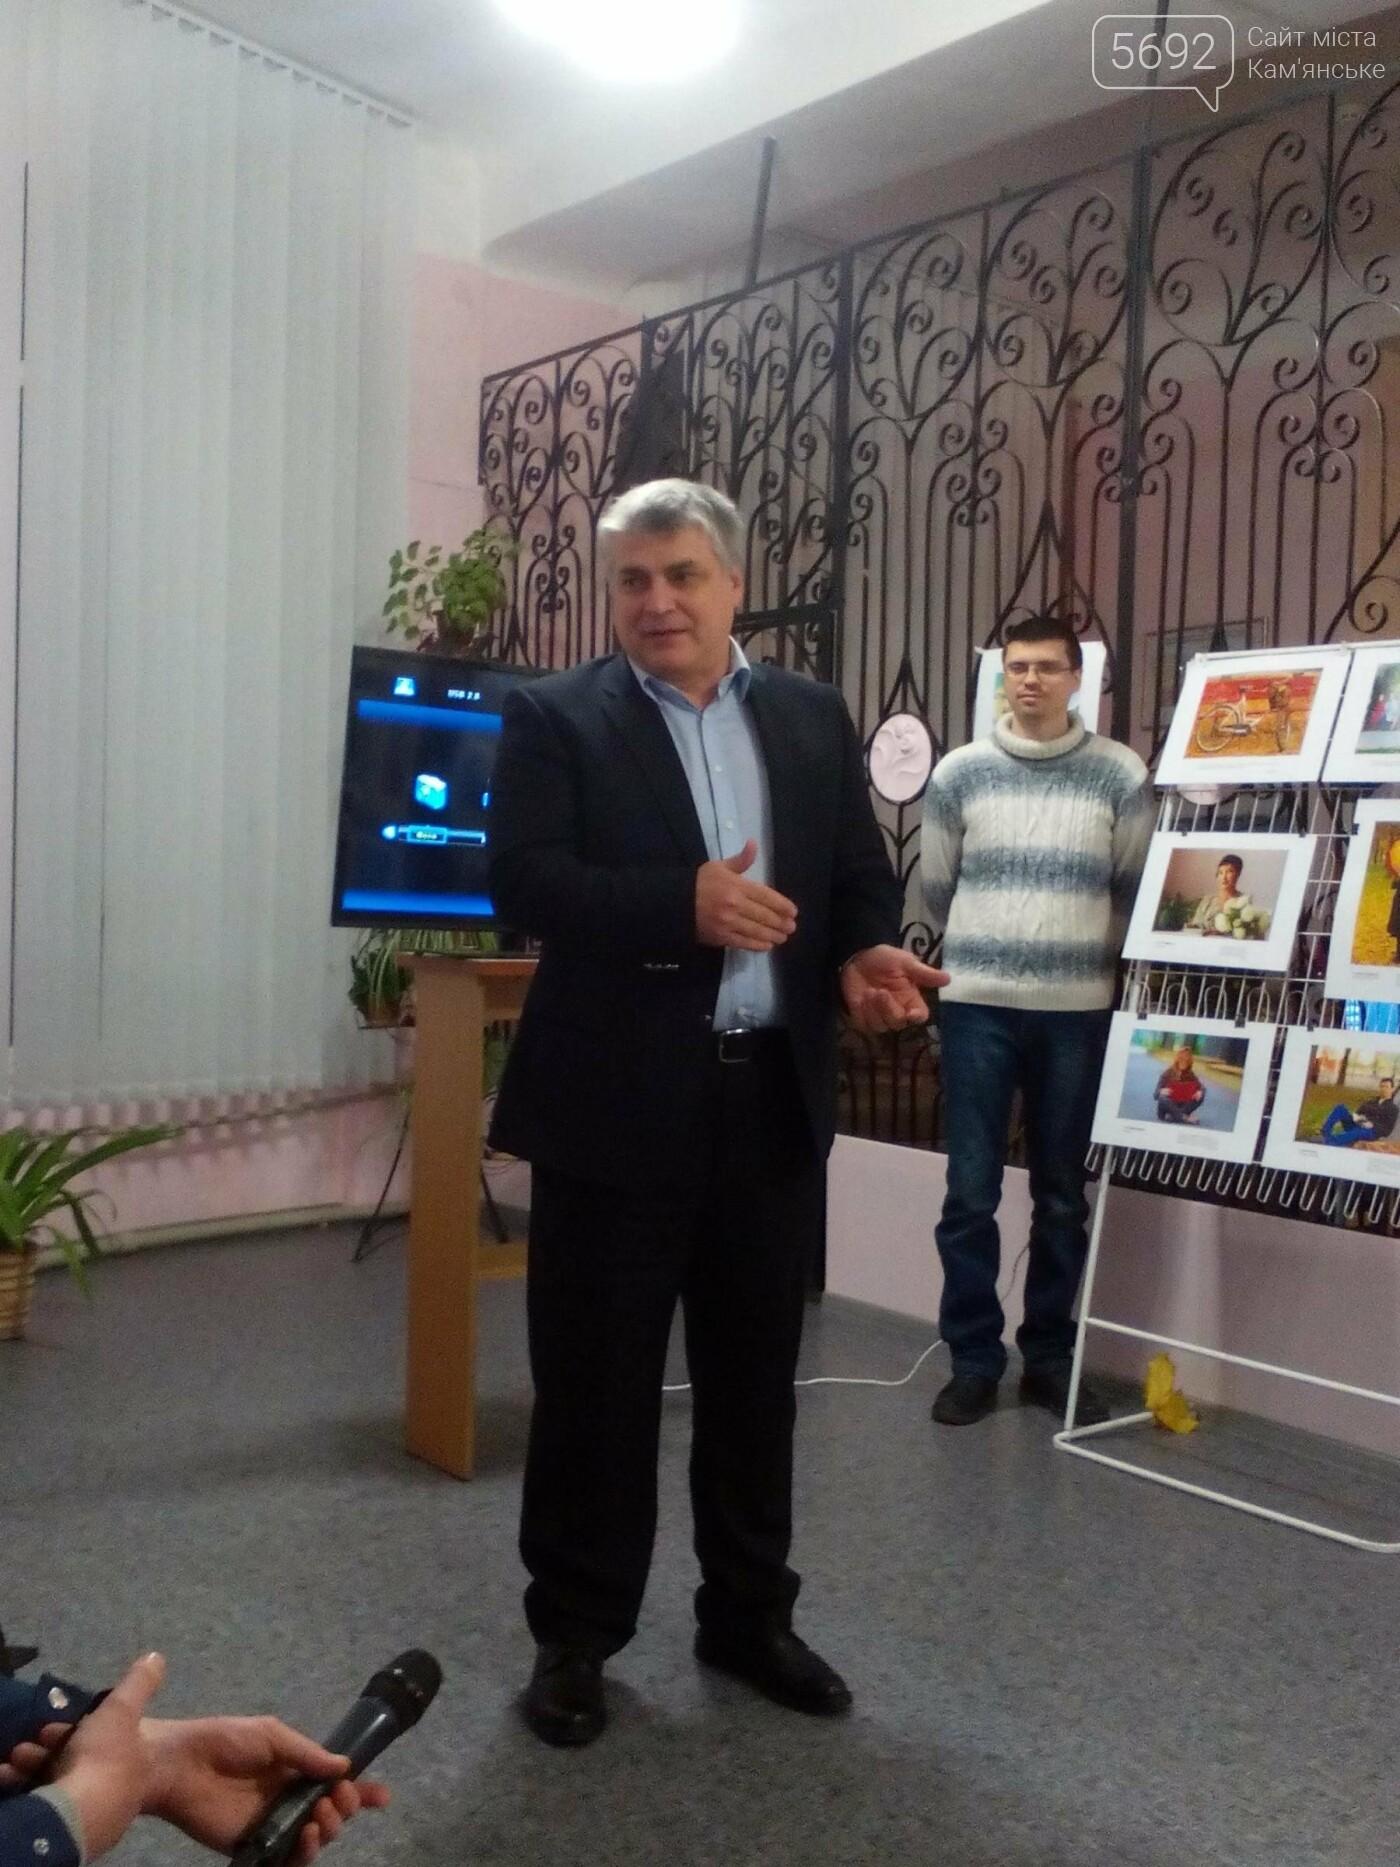 В Центральной библиотеке Каменского презентовали фотопроект «Осень создана для чтения», фото-9